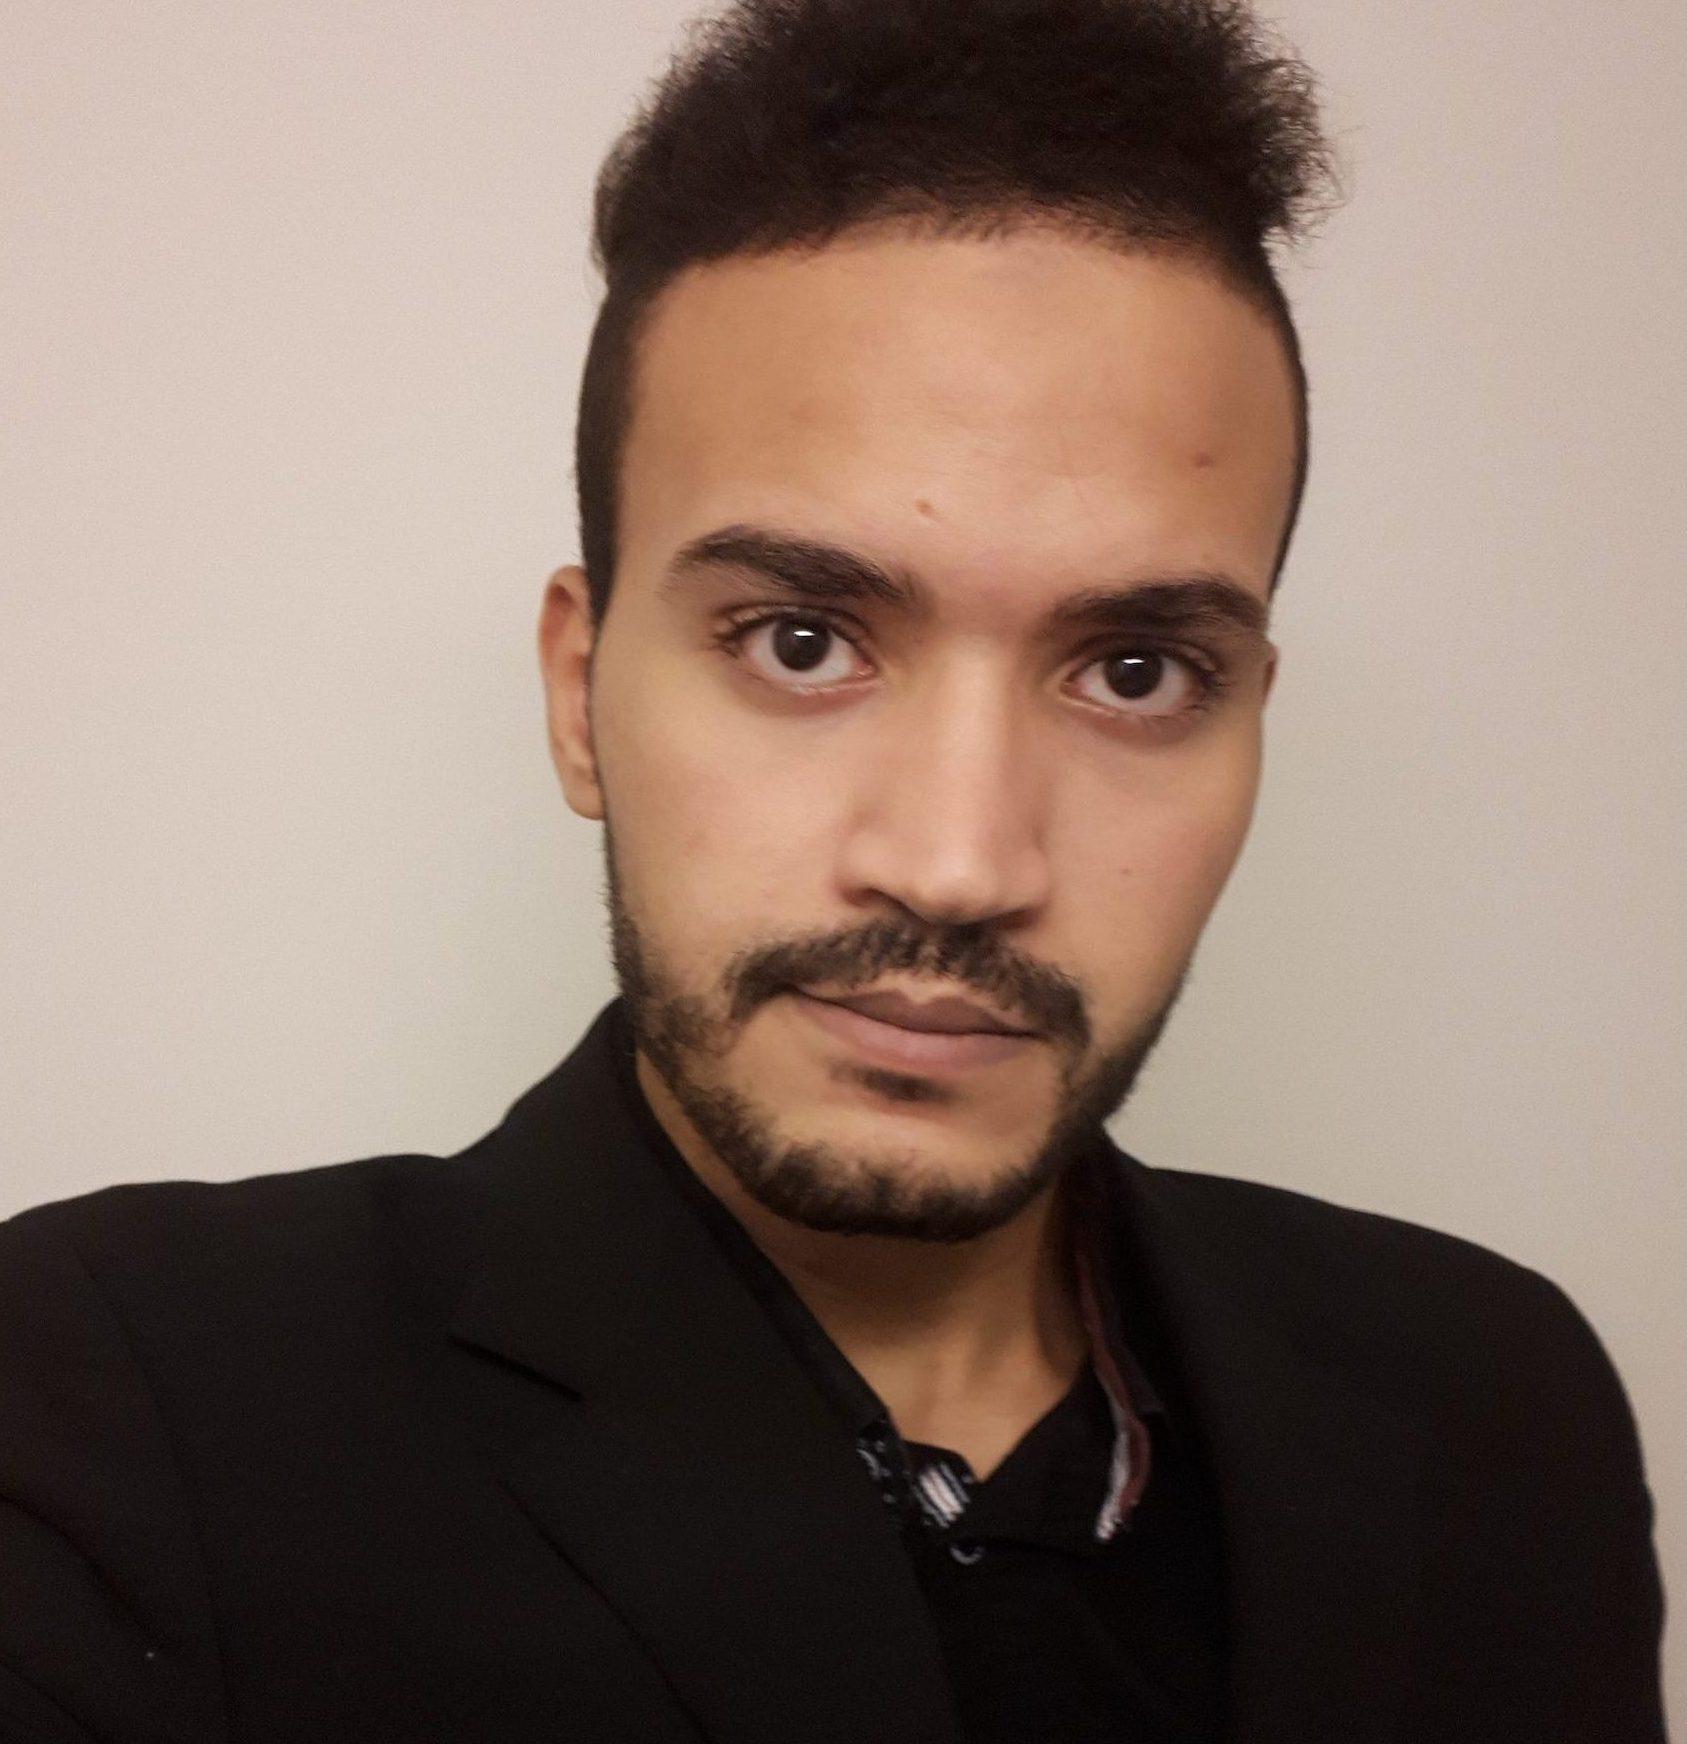 Lokmane Krizou : Research Assistant